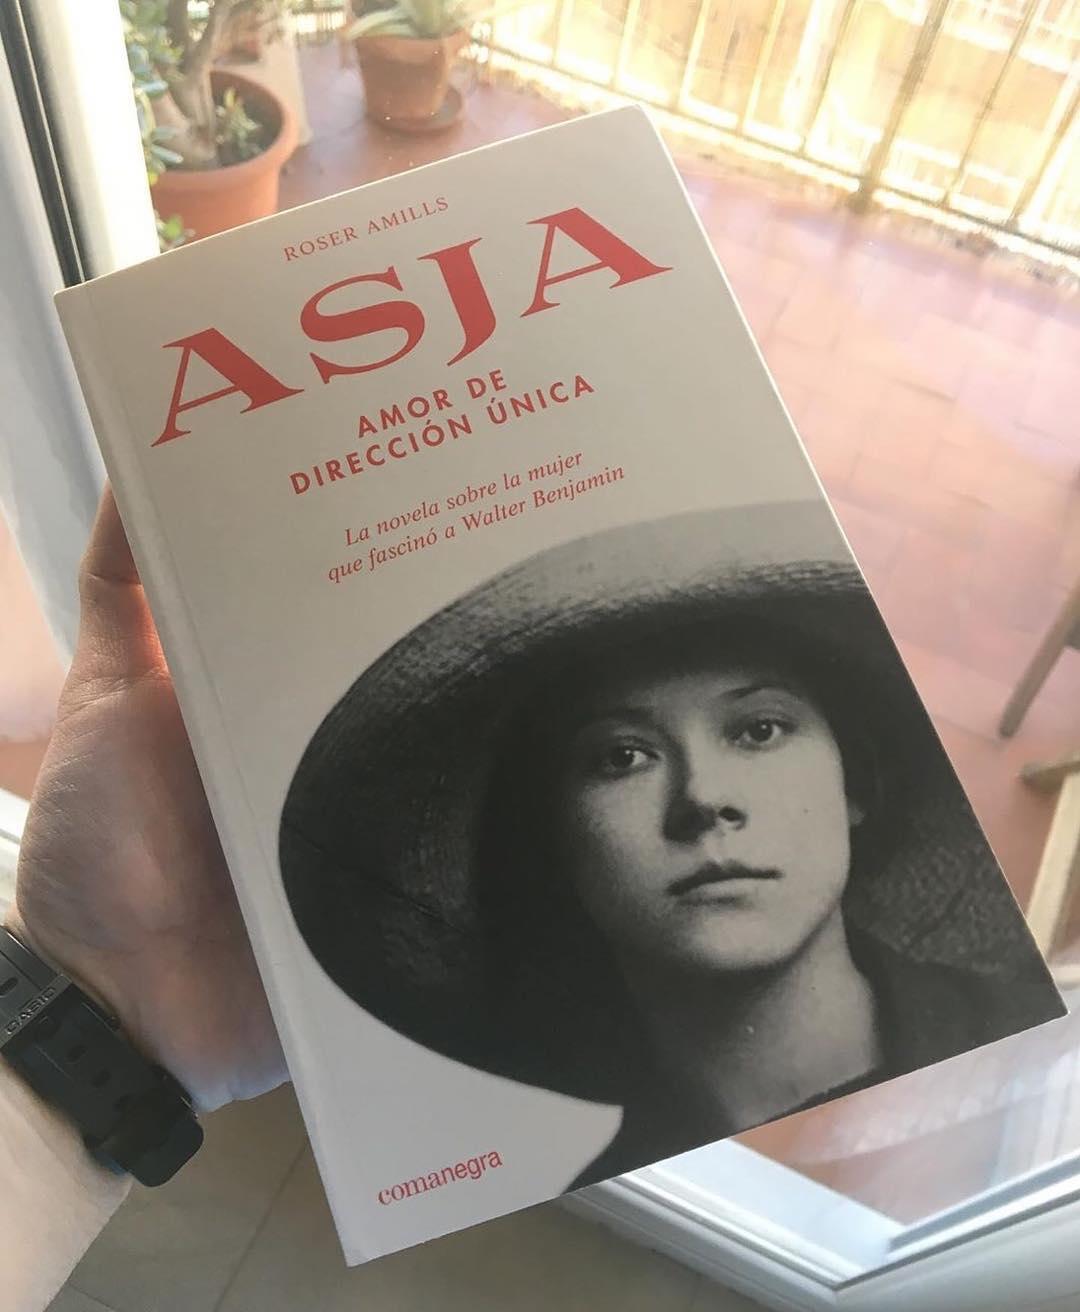 Gracias @ivanlechon1981 #Repost: Nuevo libro 📚!!!! Ganas de empezar a leerlo y disfrutar página a página 🙌🏻🙌🏻😁😁 #lectura #lecturasrecomendadas #roseramills #asjalacis #walterbenjamin #libros #libro #libros📚